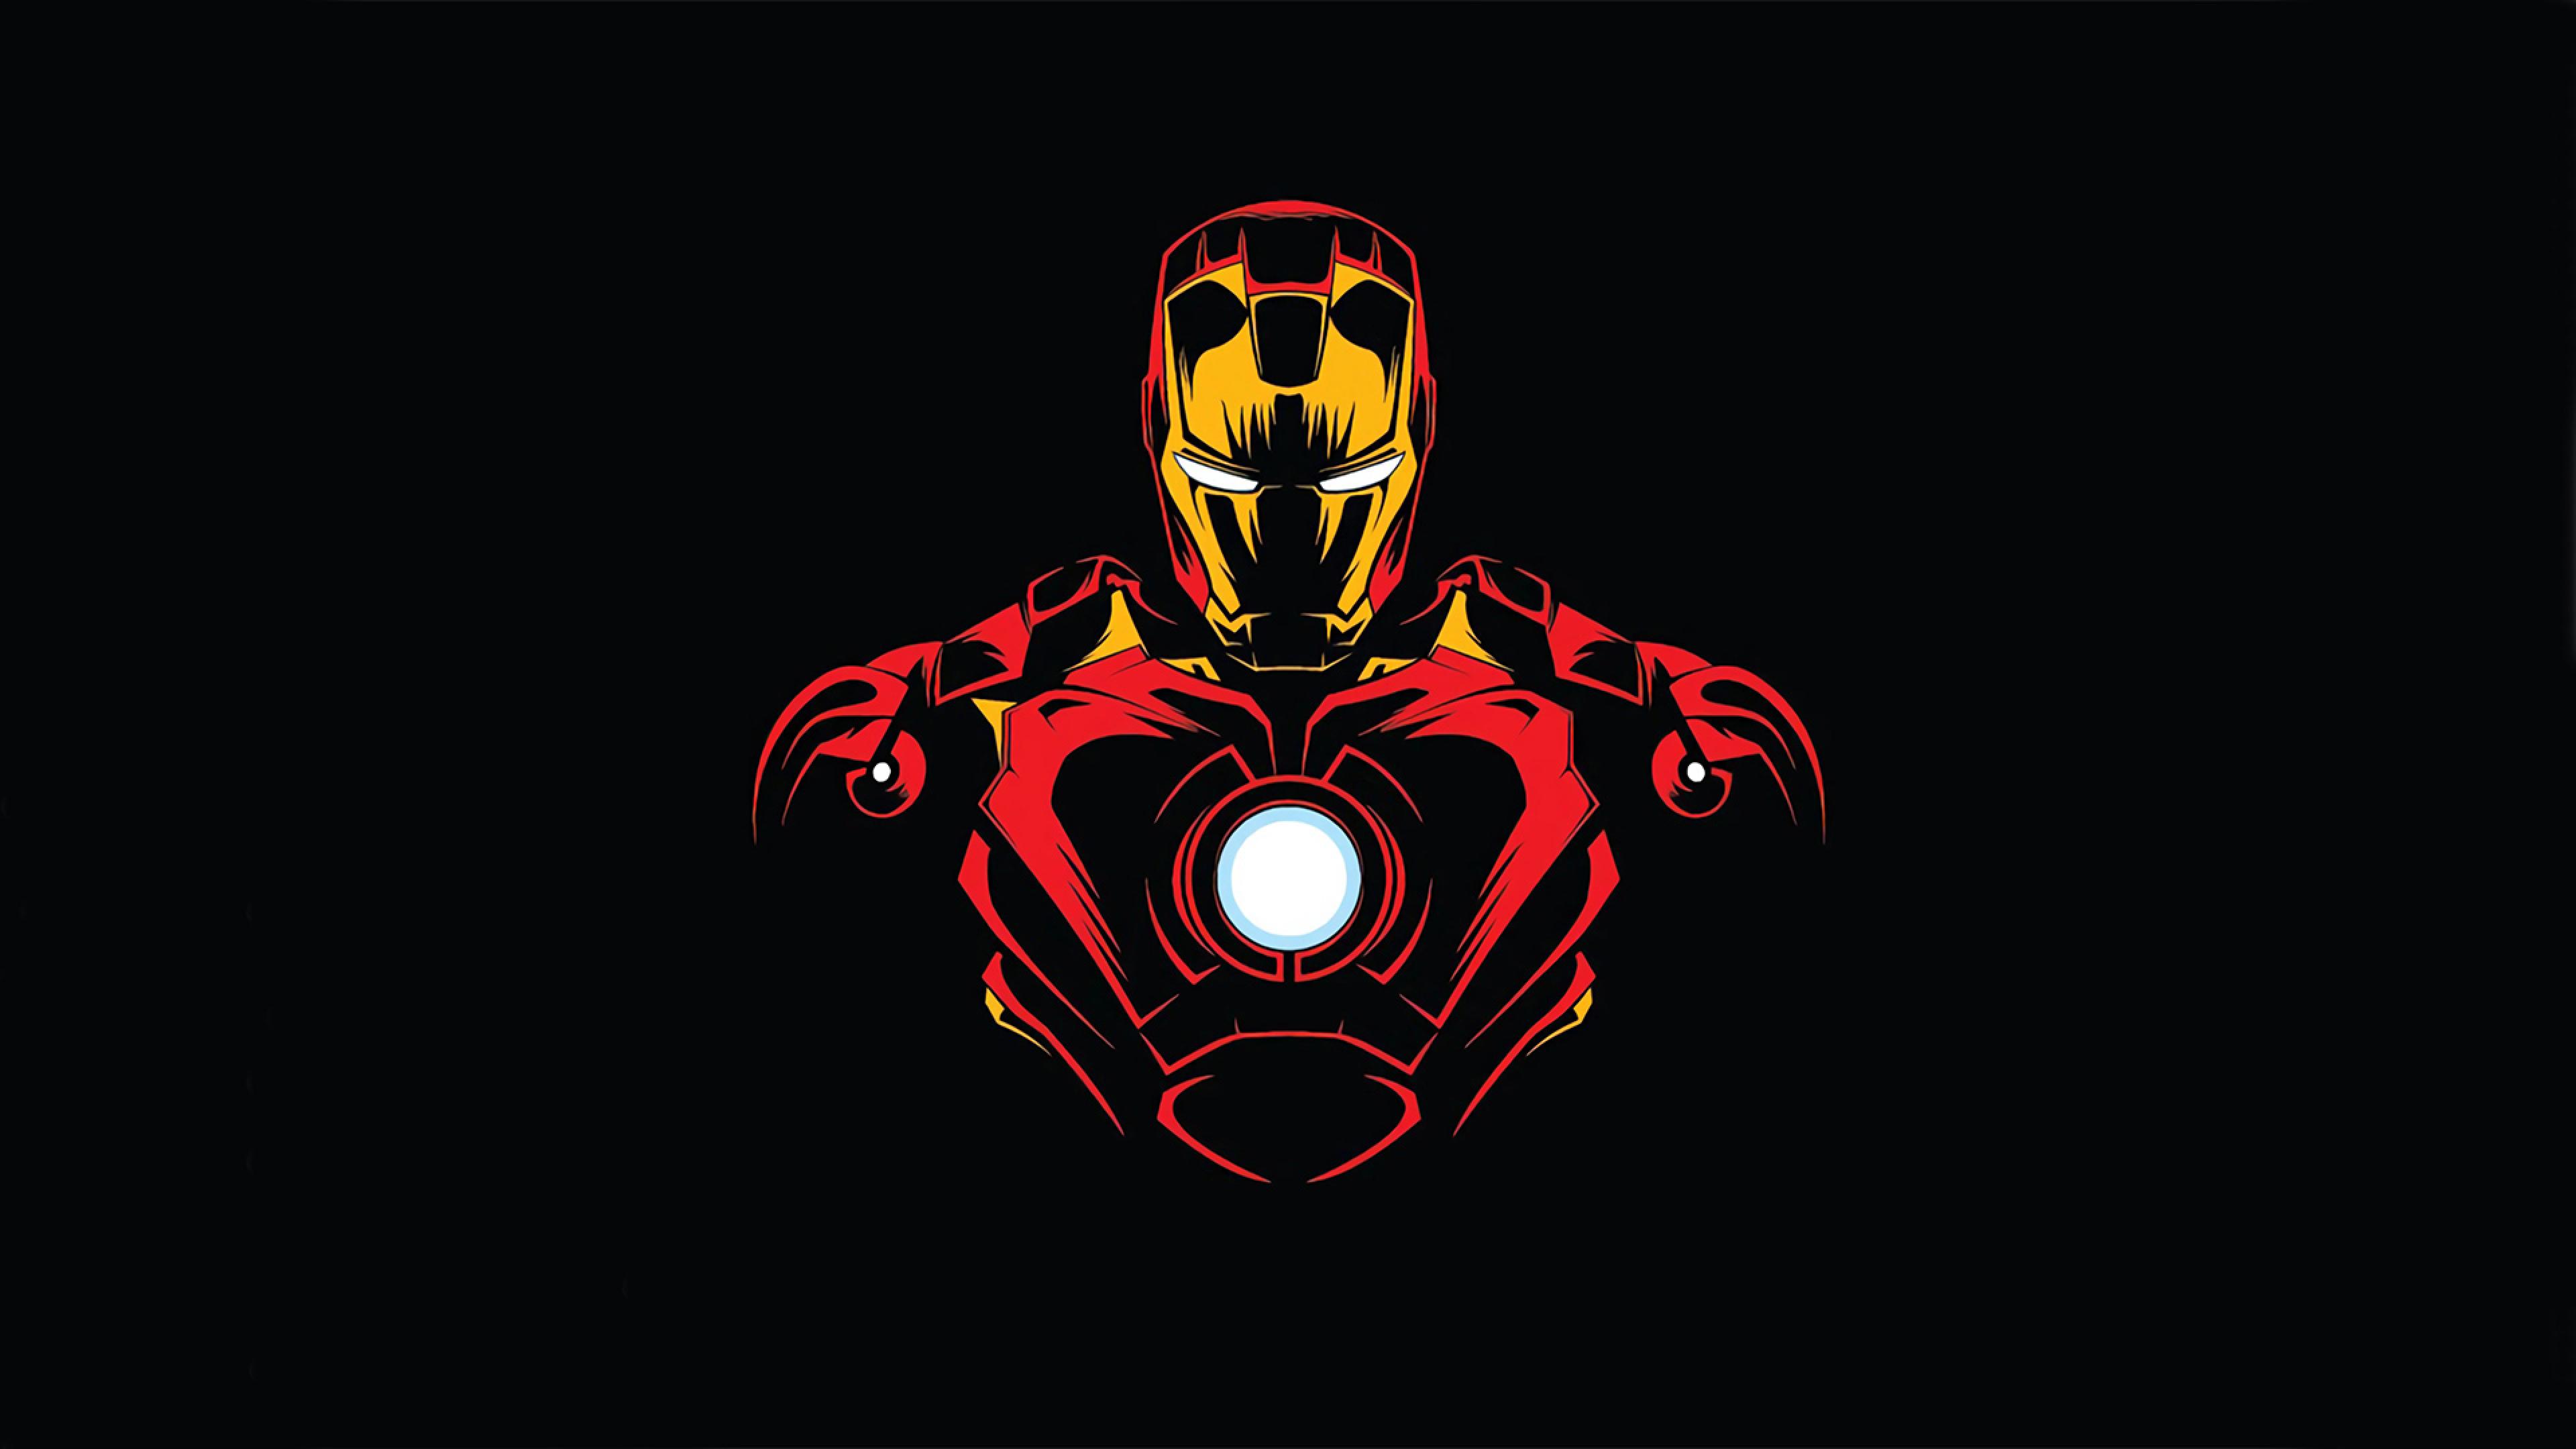 3840x2160 Iron Man Minimalist 4K Wallpaper, HD Superheroes ...